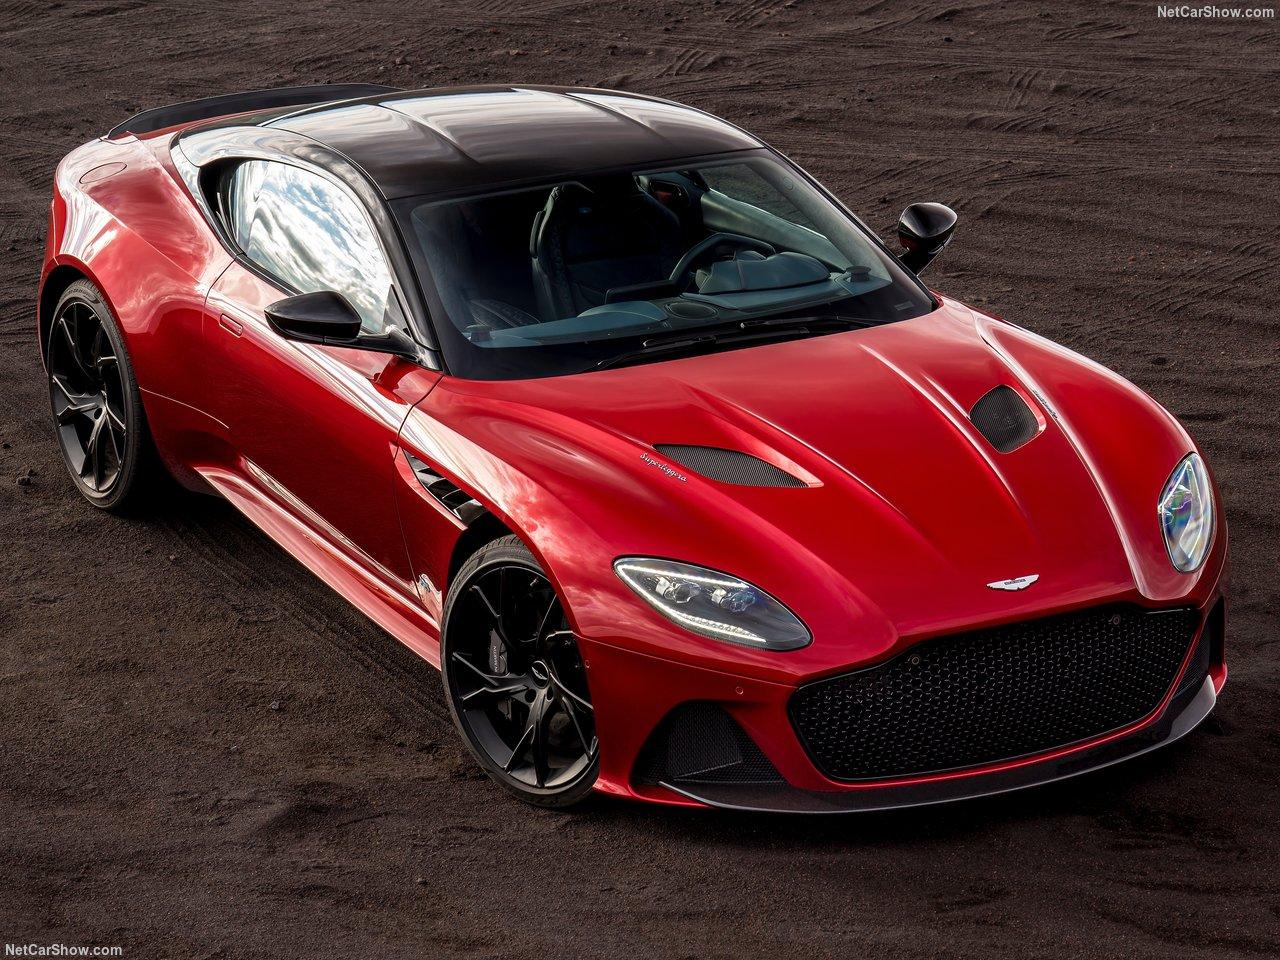 Aston Martin DBS Superleggera: A Brute In A Suit 10